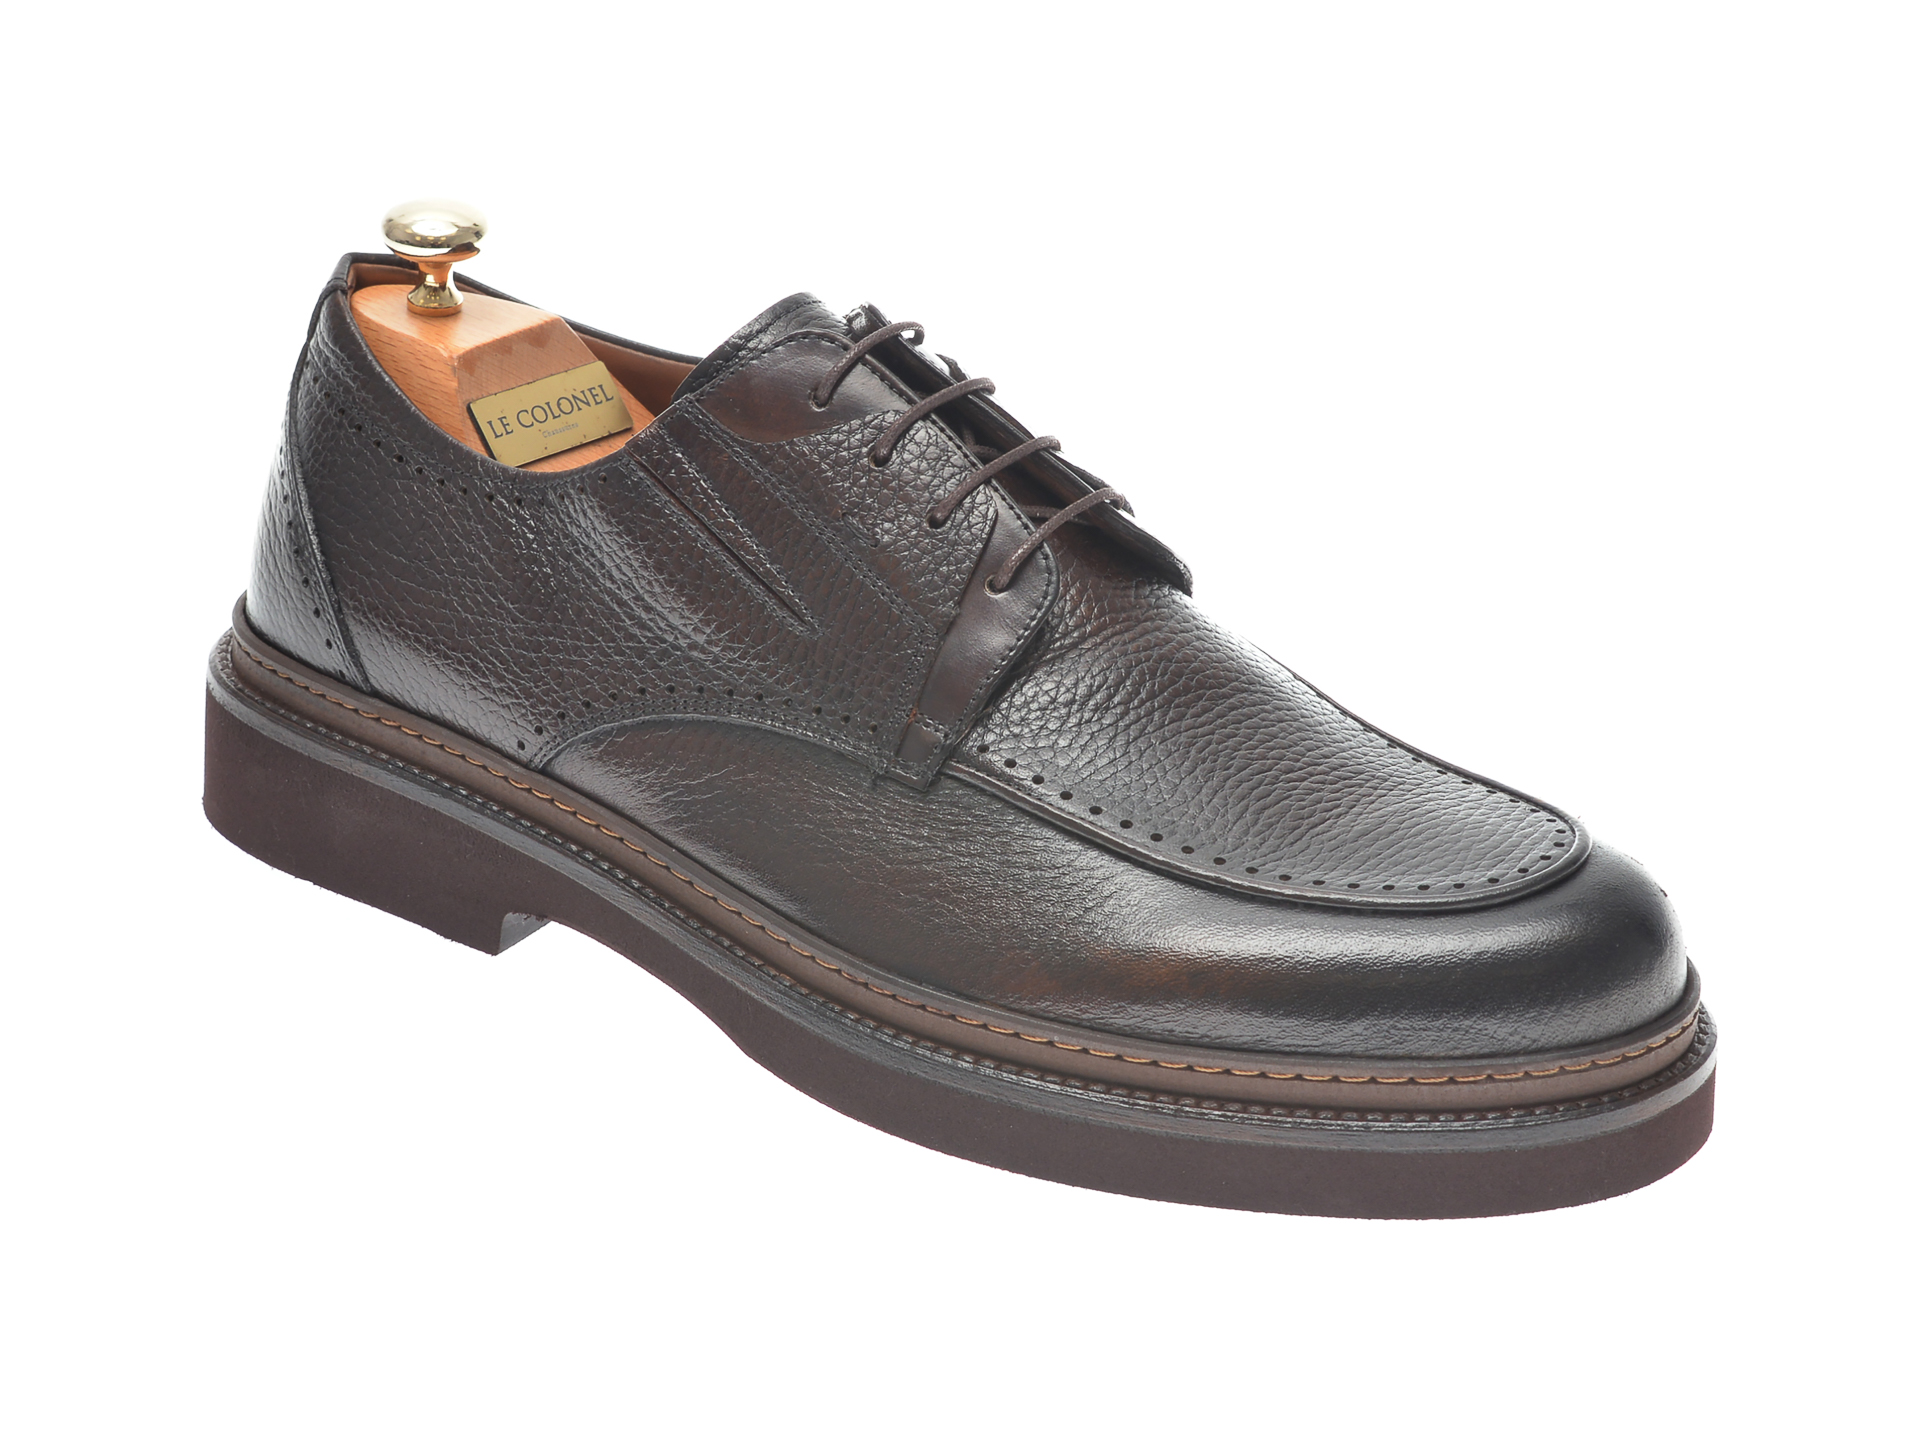 Pantofi LE COLONEL maro, 61603, din piele naturala imagine